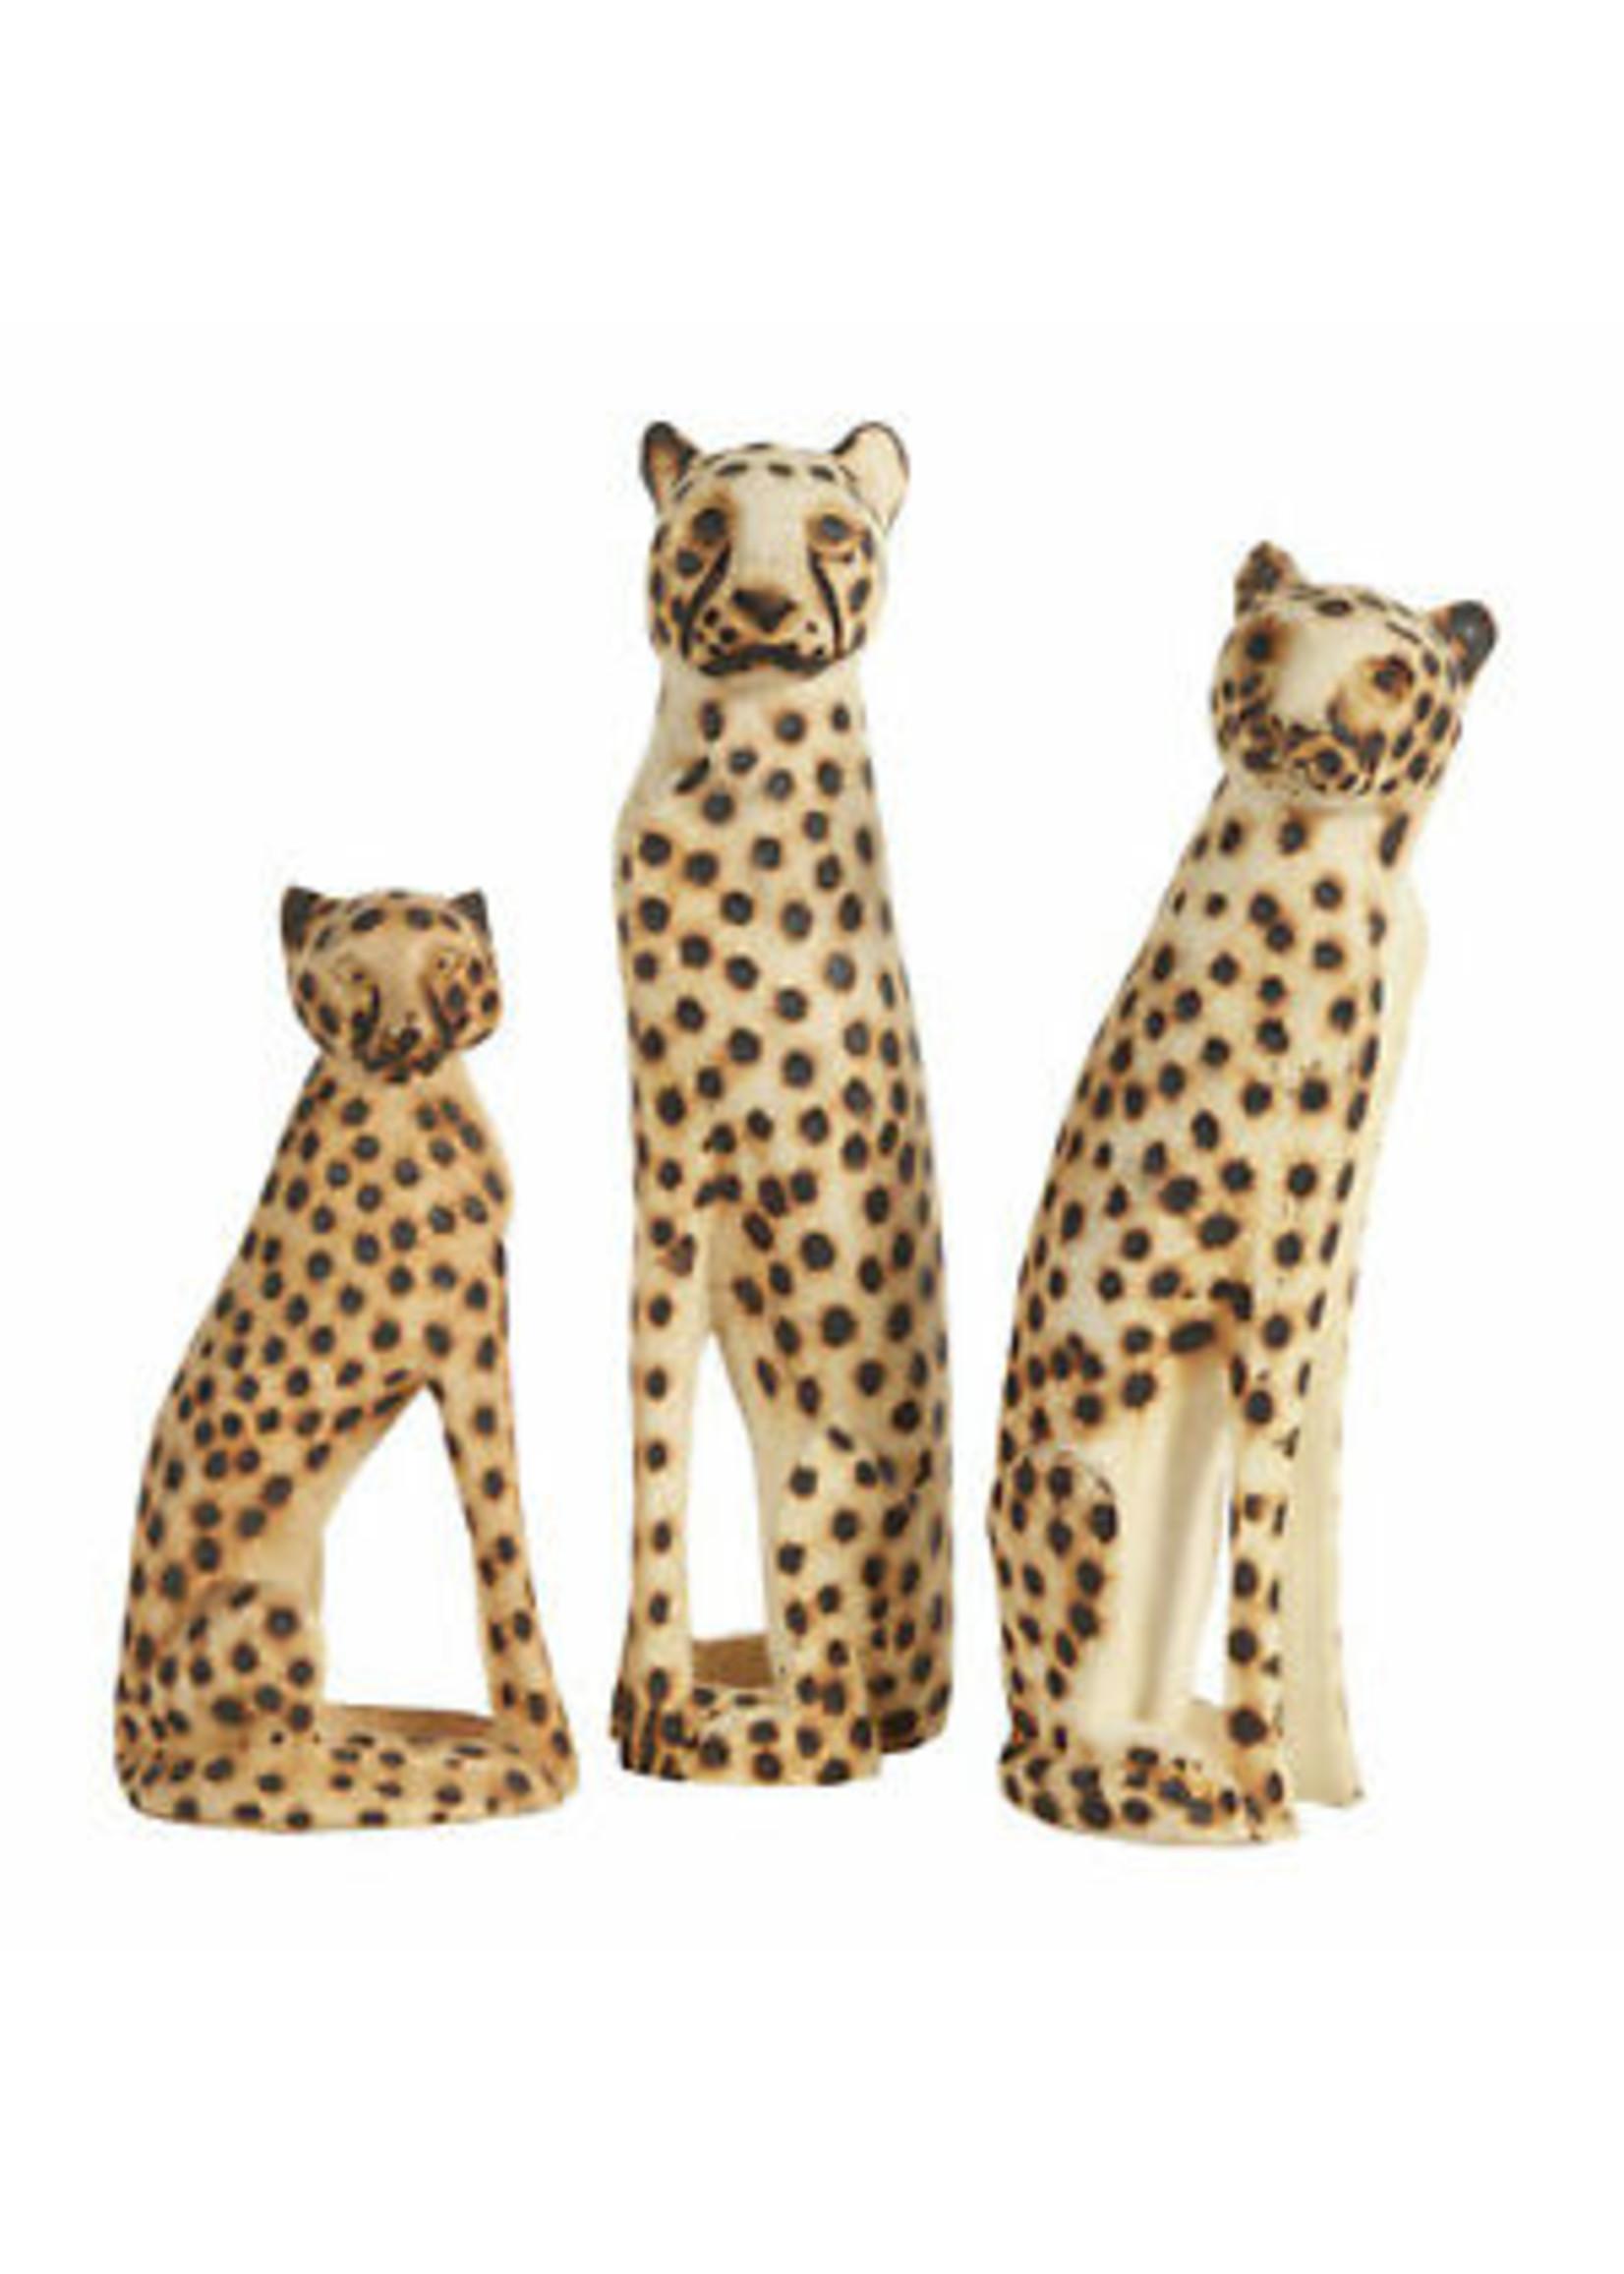 UMA Enterprises Wood Cheetah Set/3